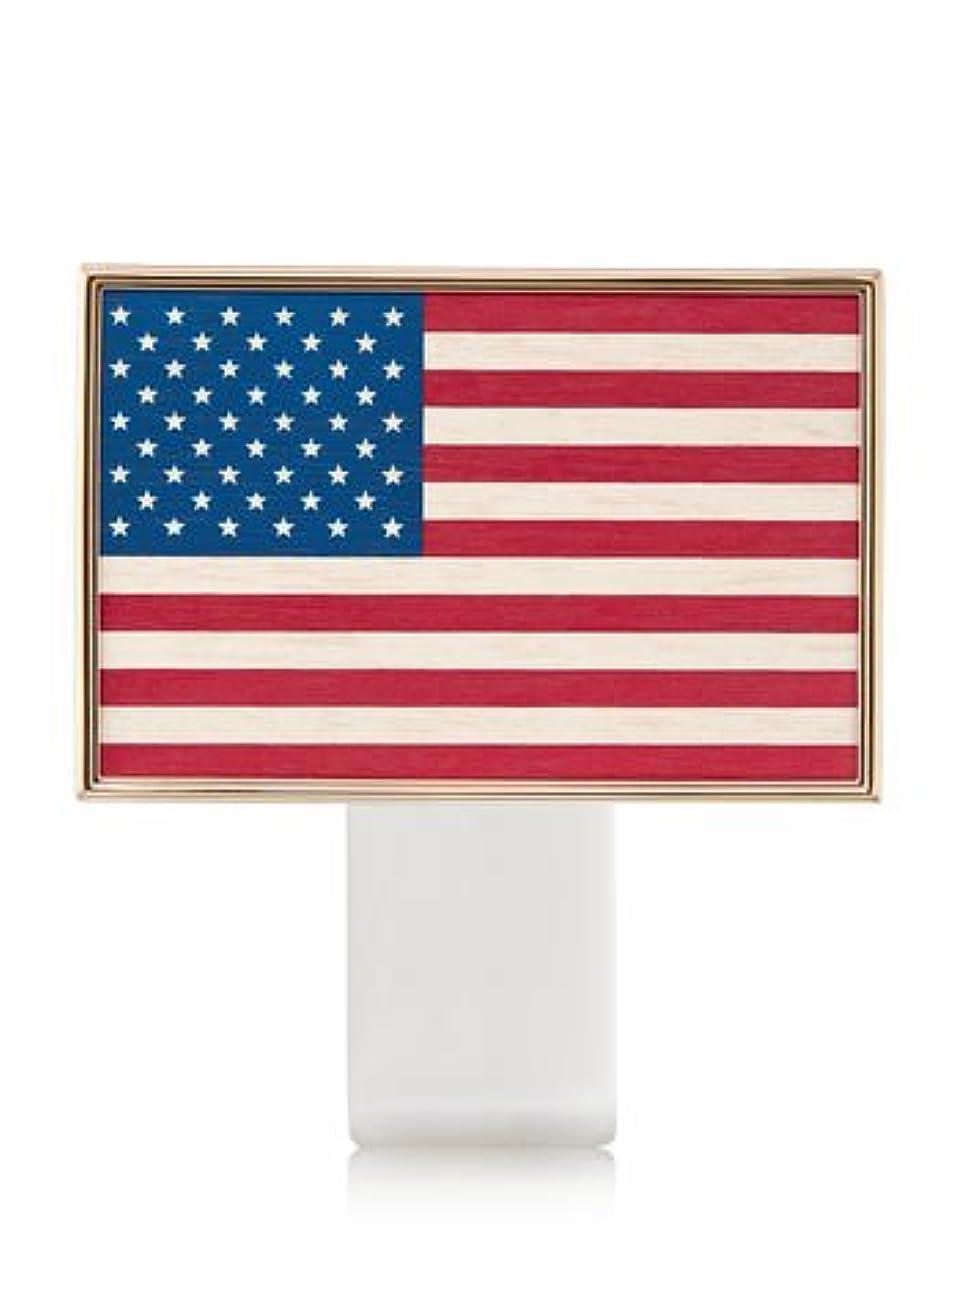 キャロラインリボン気絶させる【Bath&Body Works/バス&ボディワークス】 ルームフレグランス プラグインスターター (本体のみ) アメリカンフラッグ Wallflowers Fragrance Plug American Flag [並行輸入品]